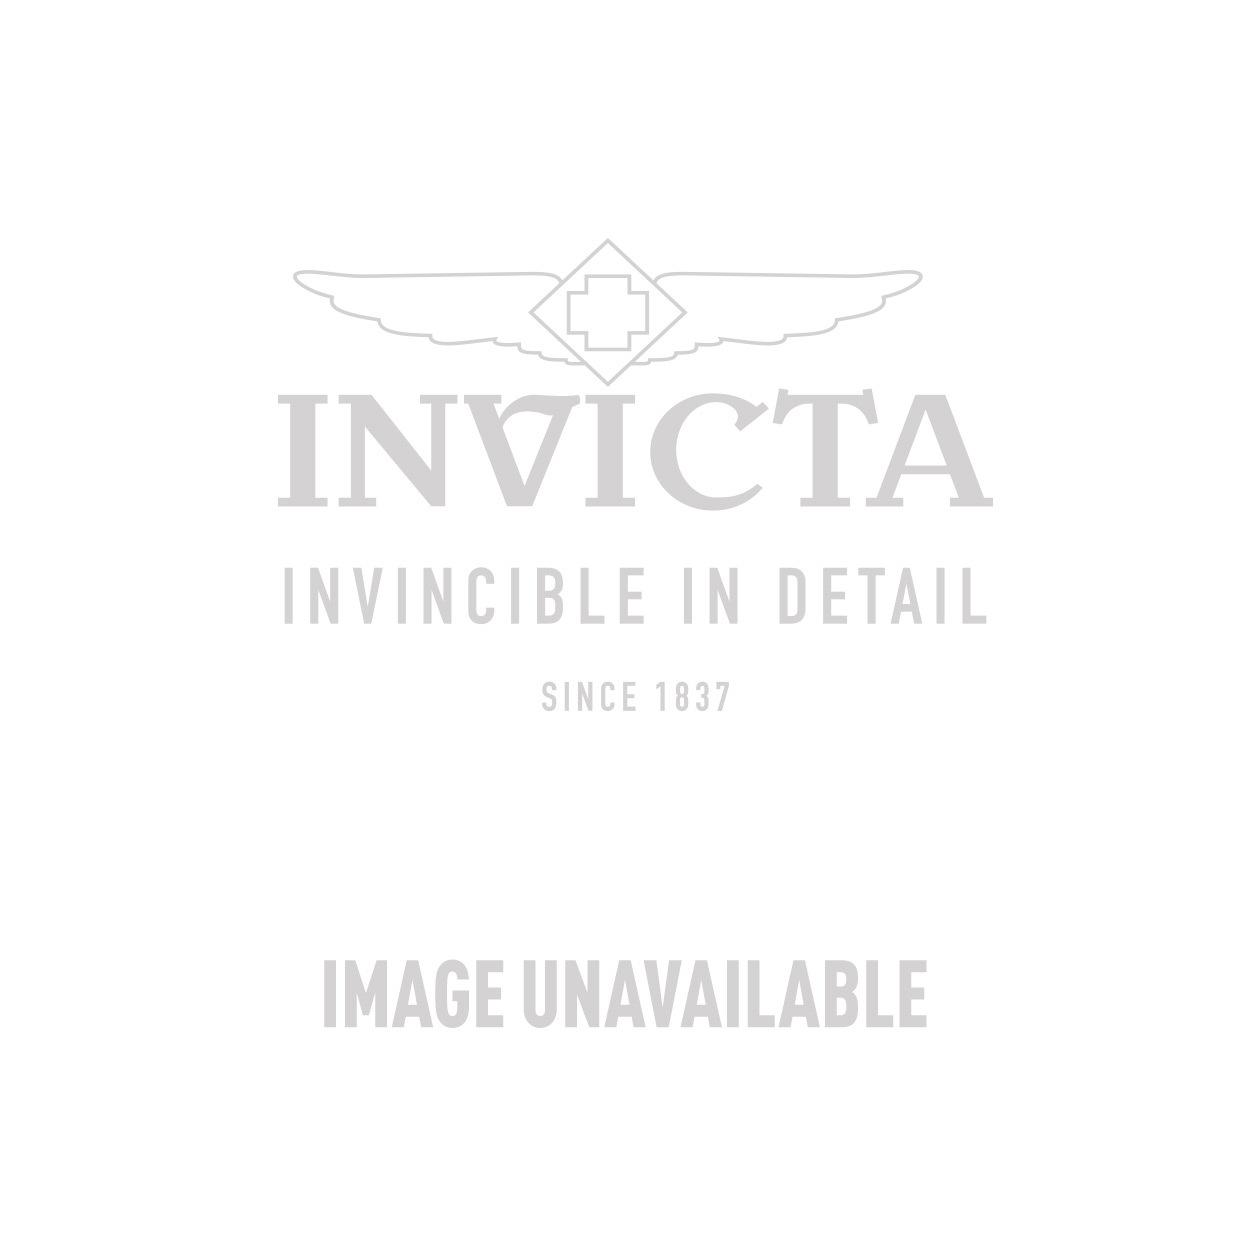 Invicta Model 22198